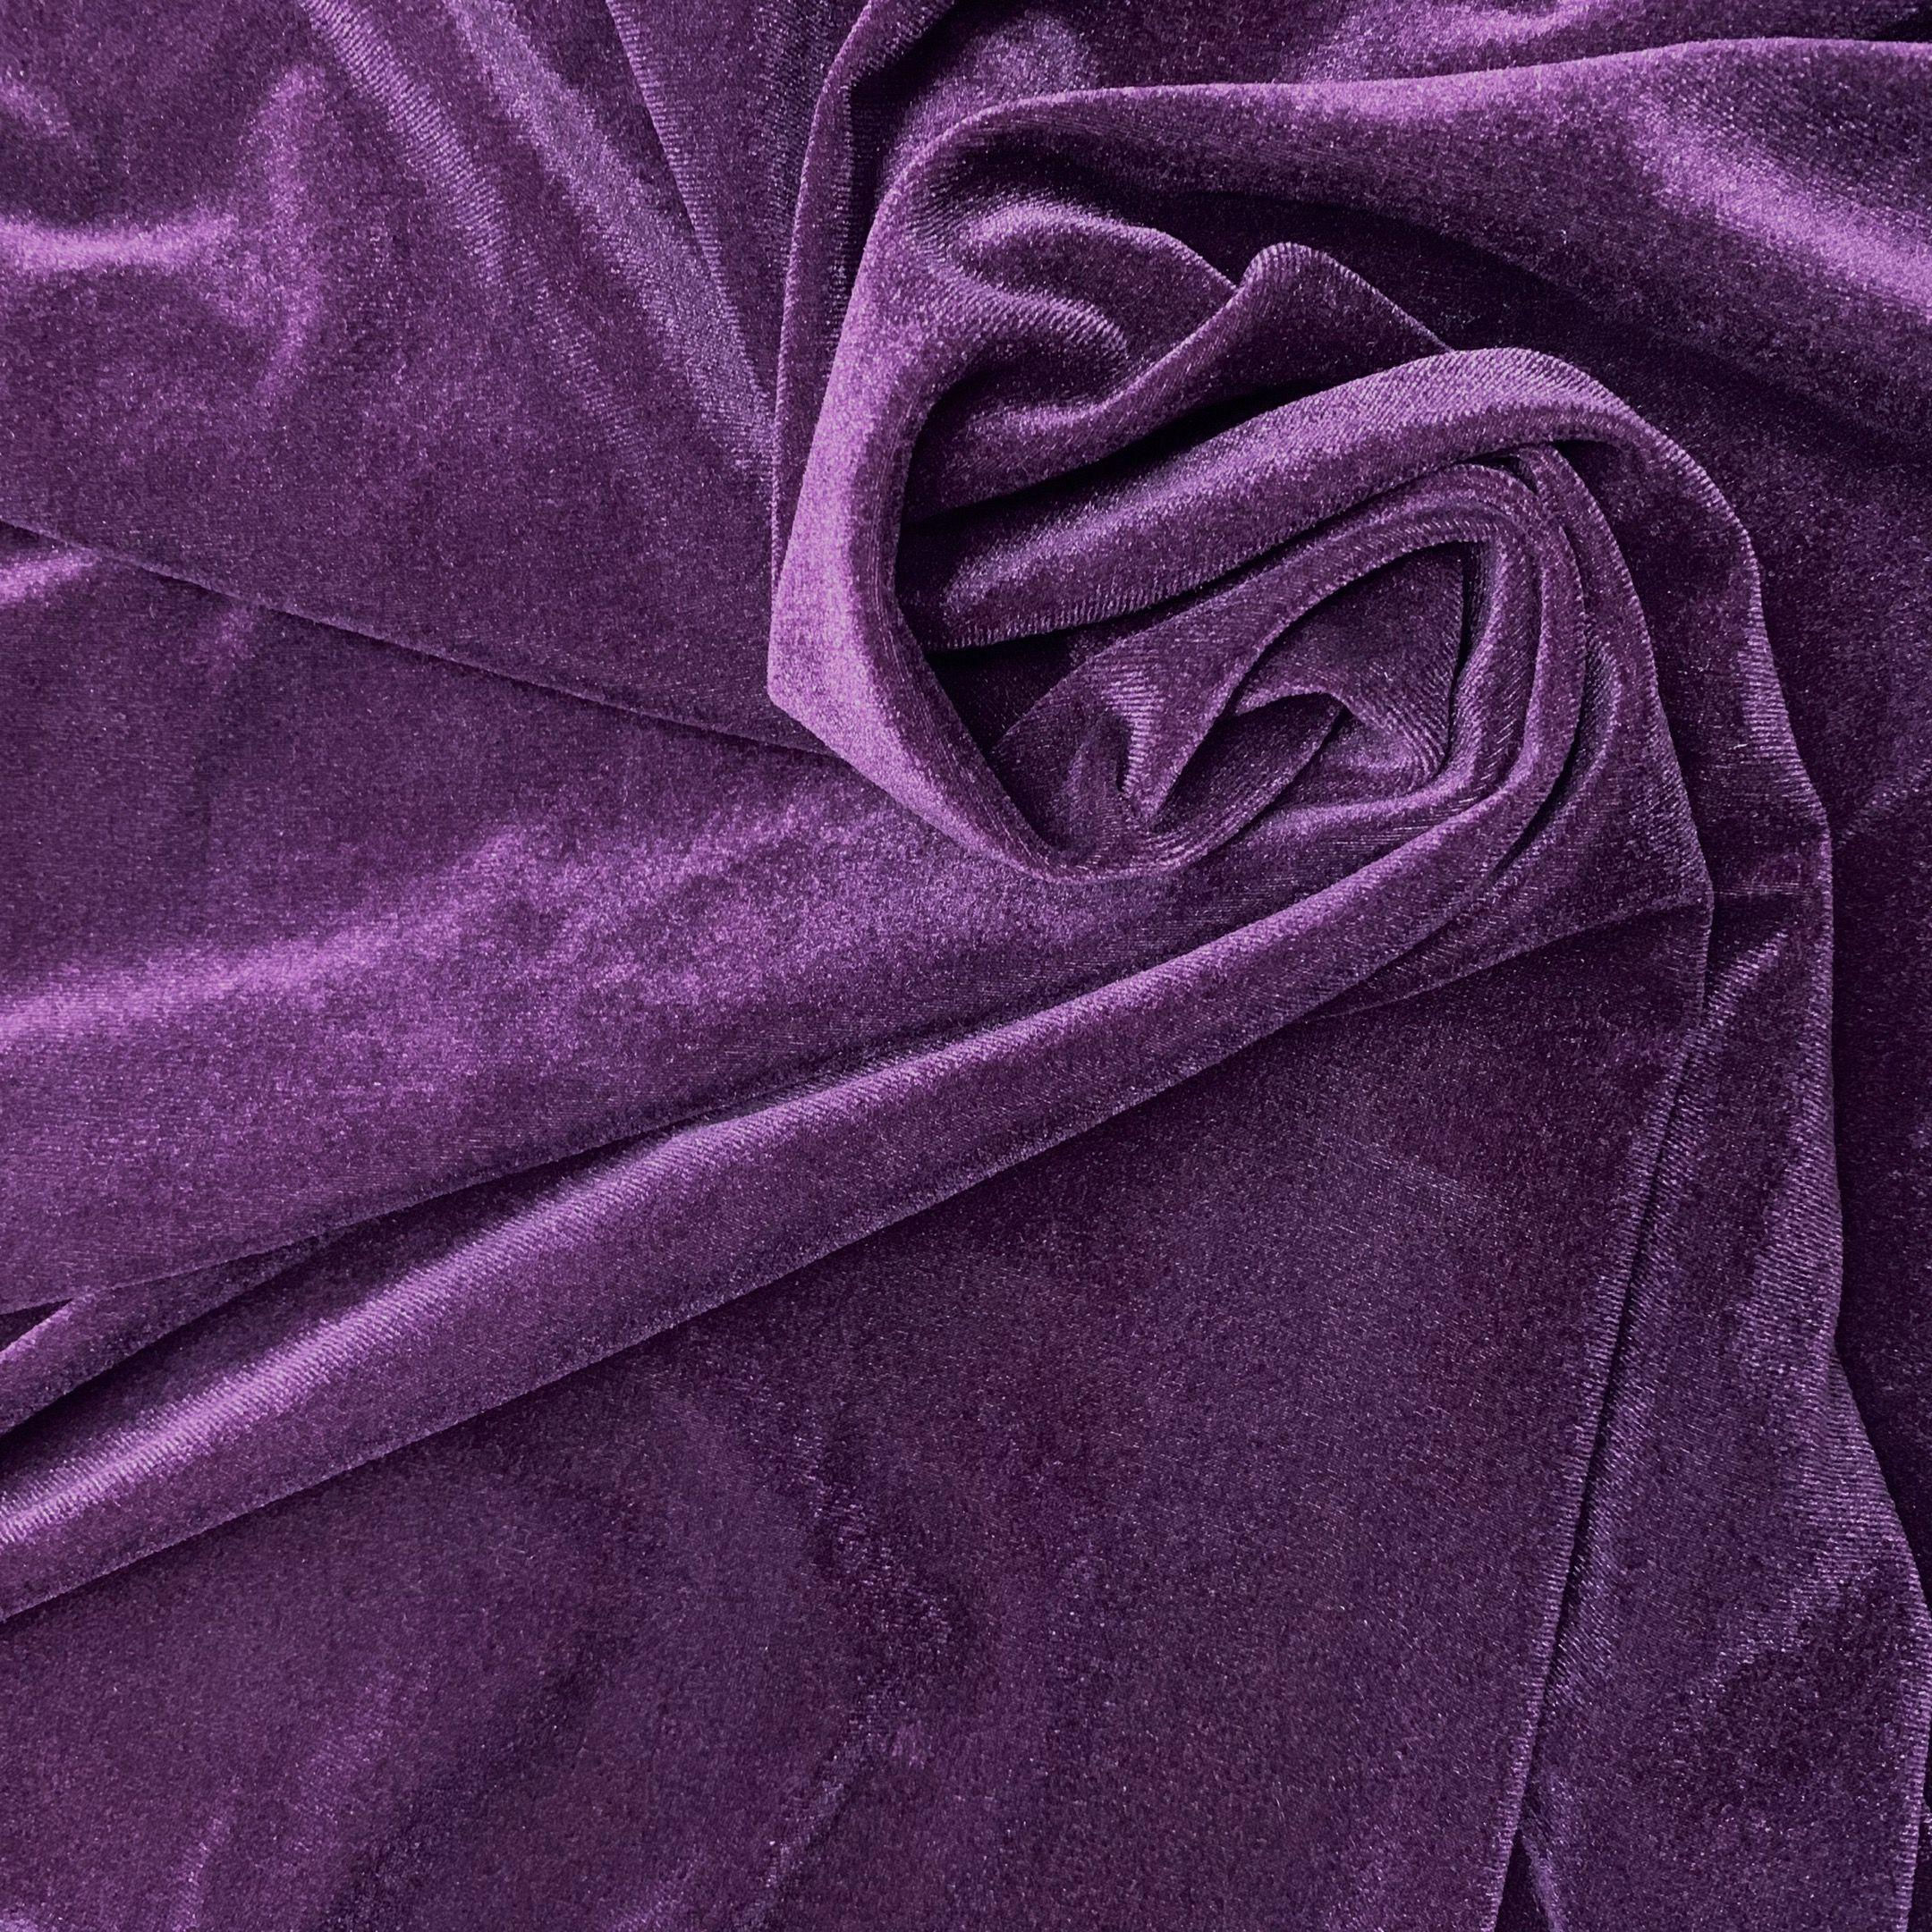 14#豆沙紫韩国绒 针织南韩绒面料 时尚女装连衣裙保暖绒布料